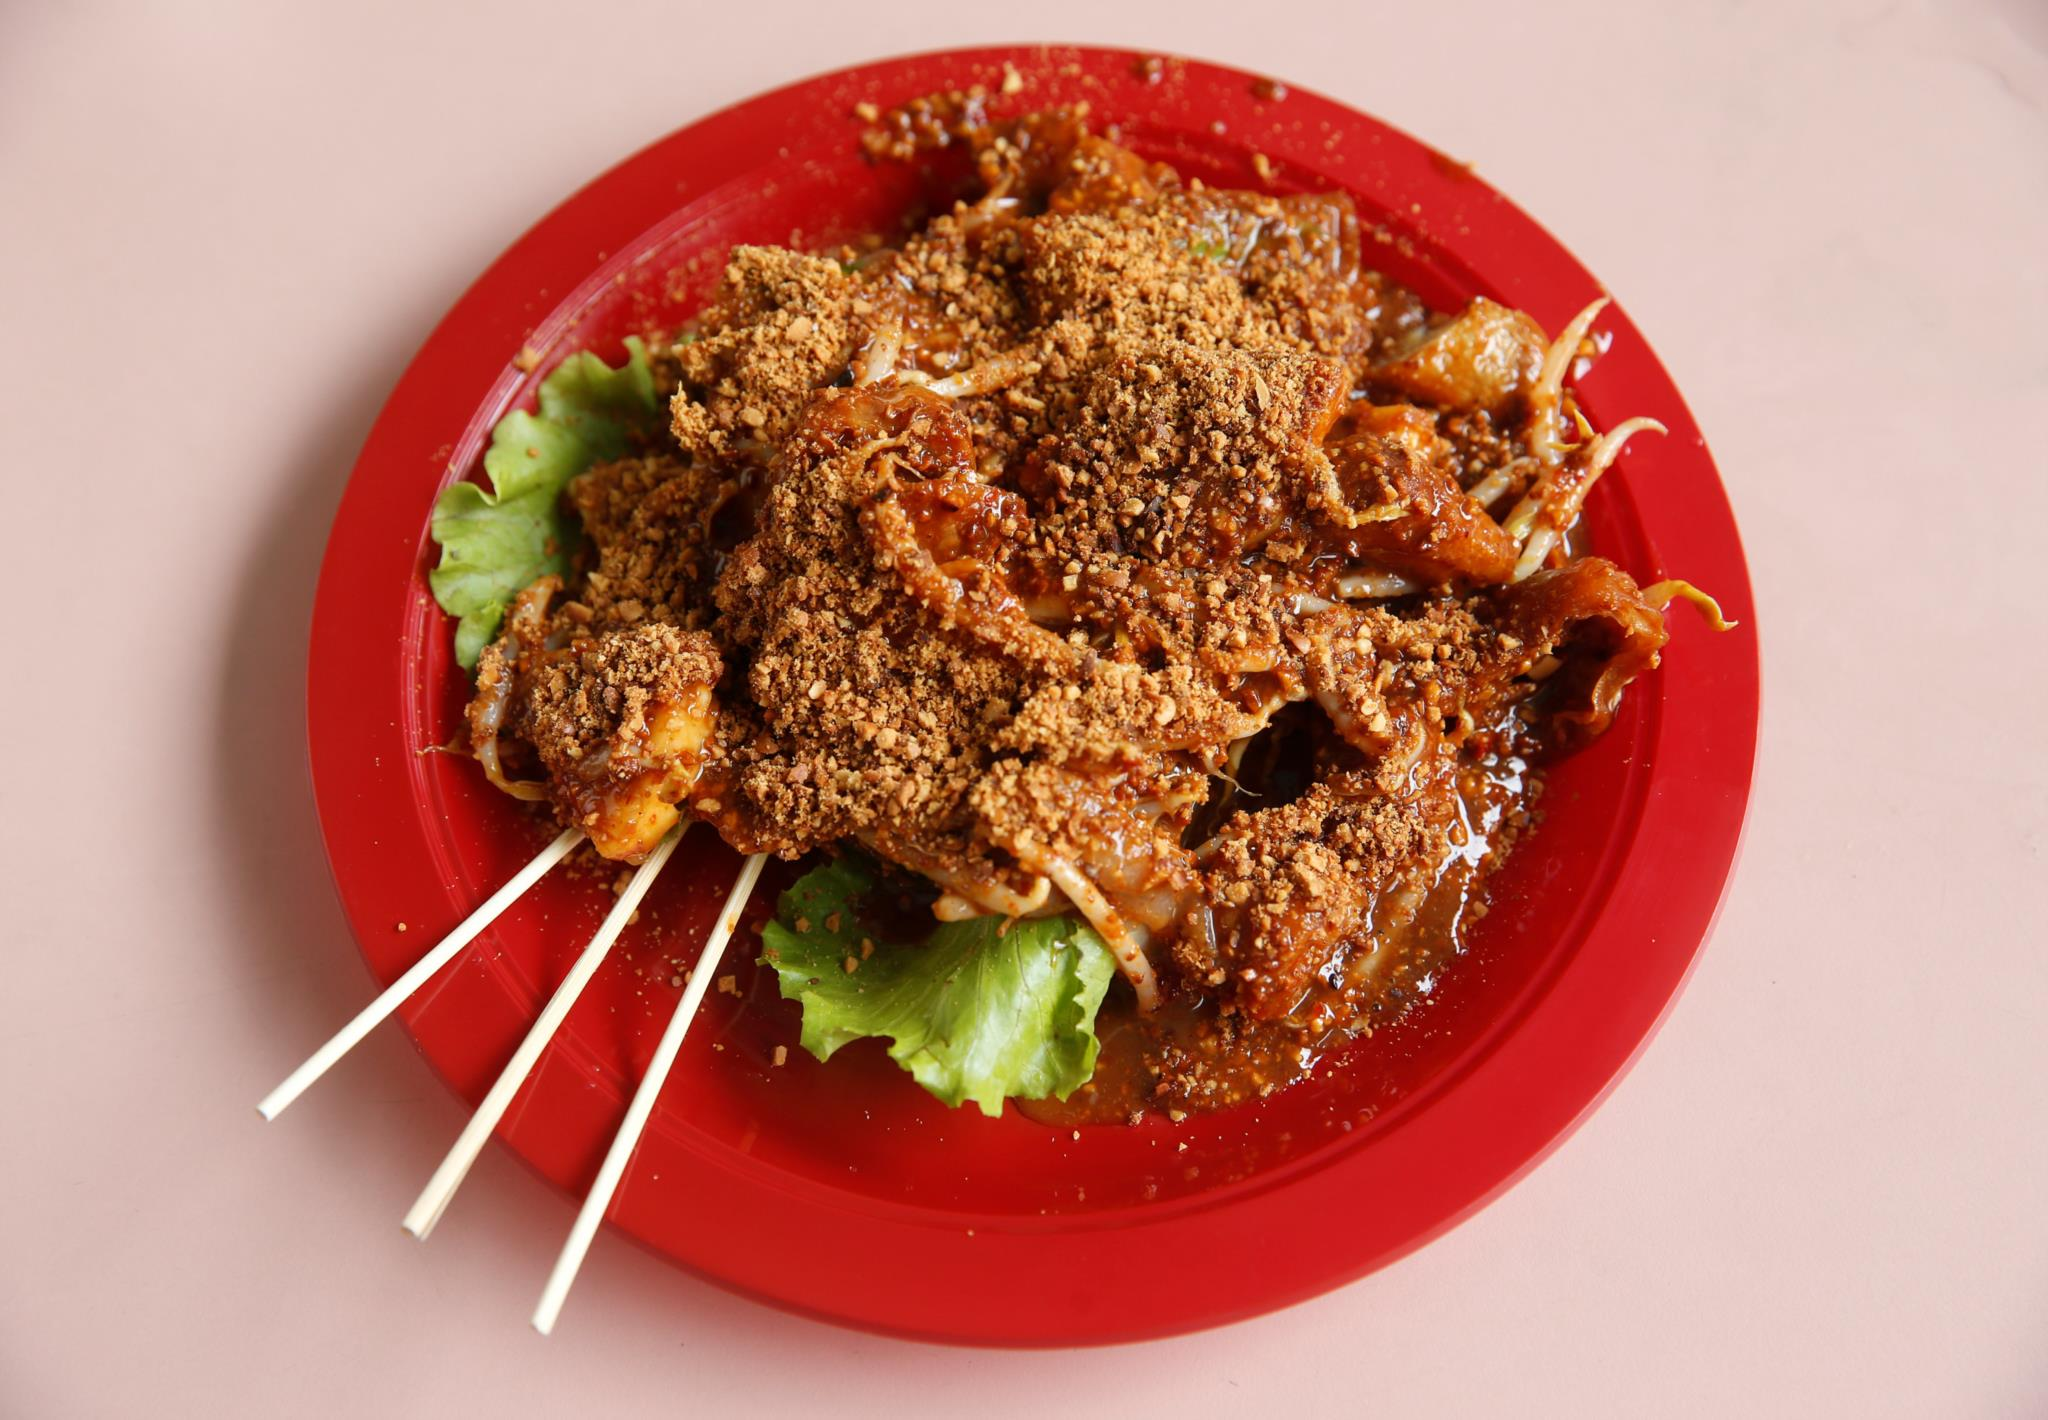 A especialidade do restaurante de Stan Lim, que recebeu o prémio internacional Michelin Bib Gourmand, é <i>rojak</i>, uma salada com fruta e legumes